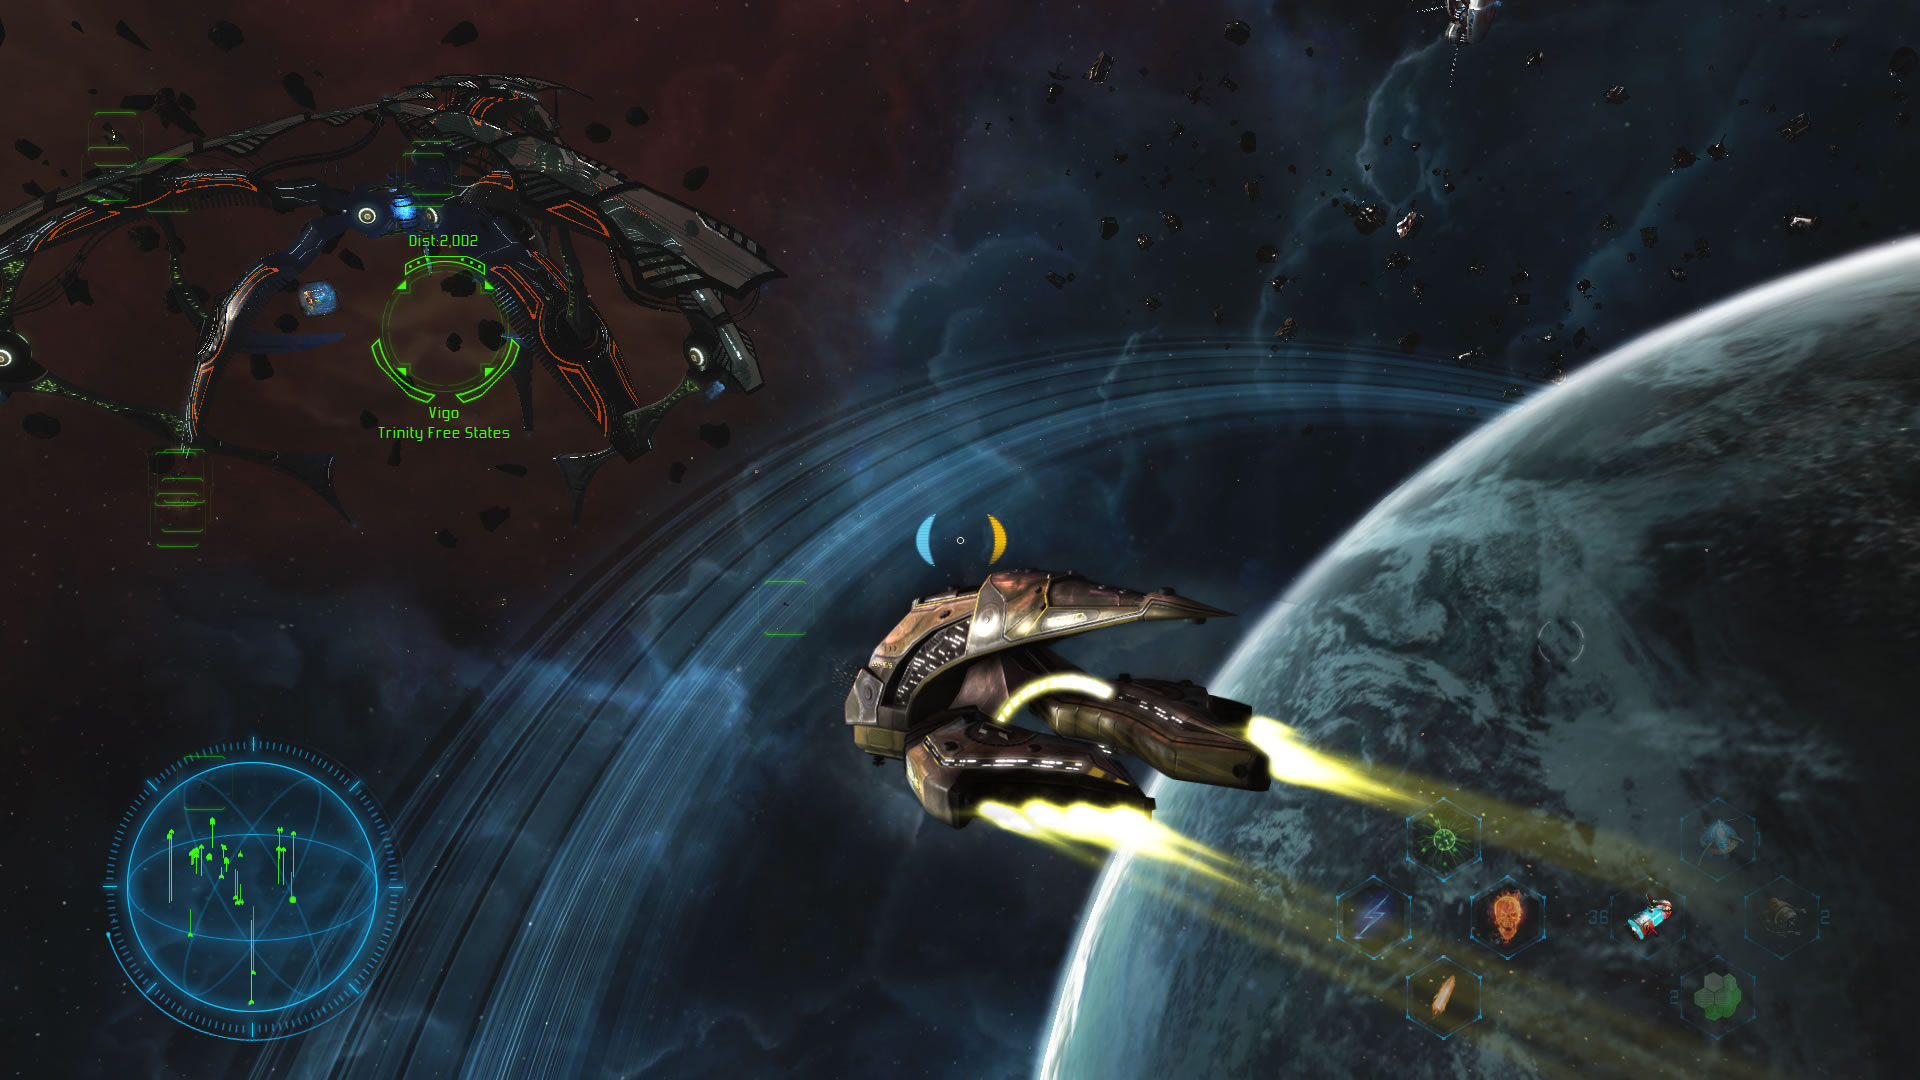 Starpoint-Gemini-2-Xbox-One-Screenshot-1